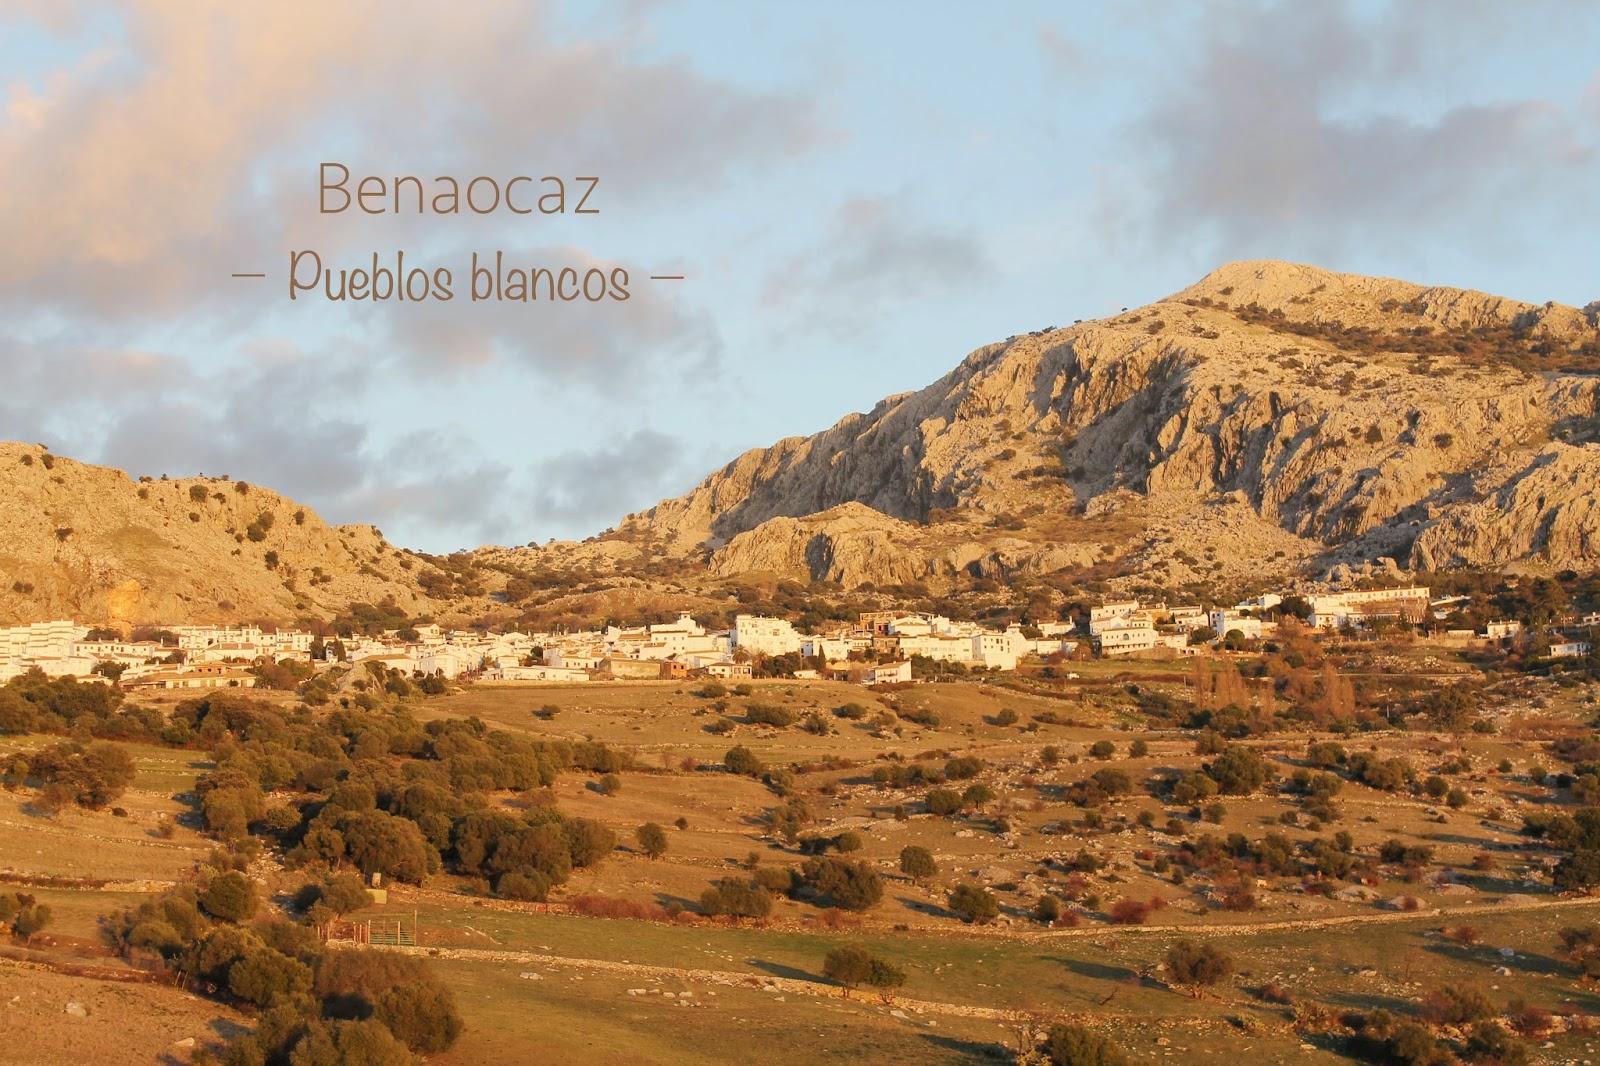 Ruta de los pueblos blancos: Benaocaz Cádiz